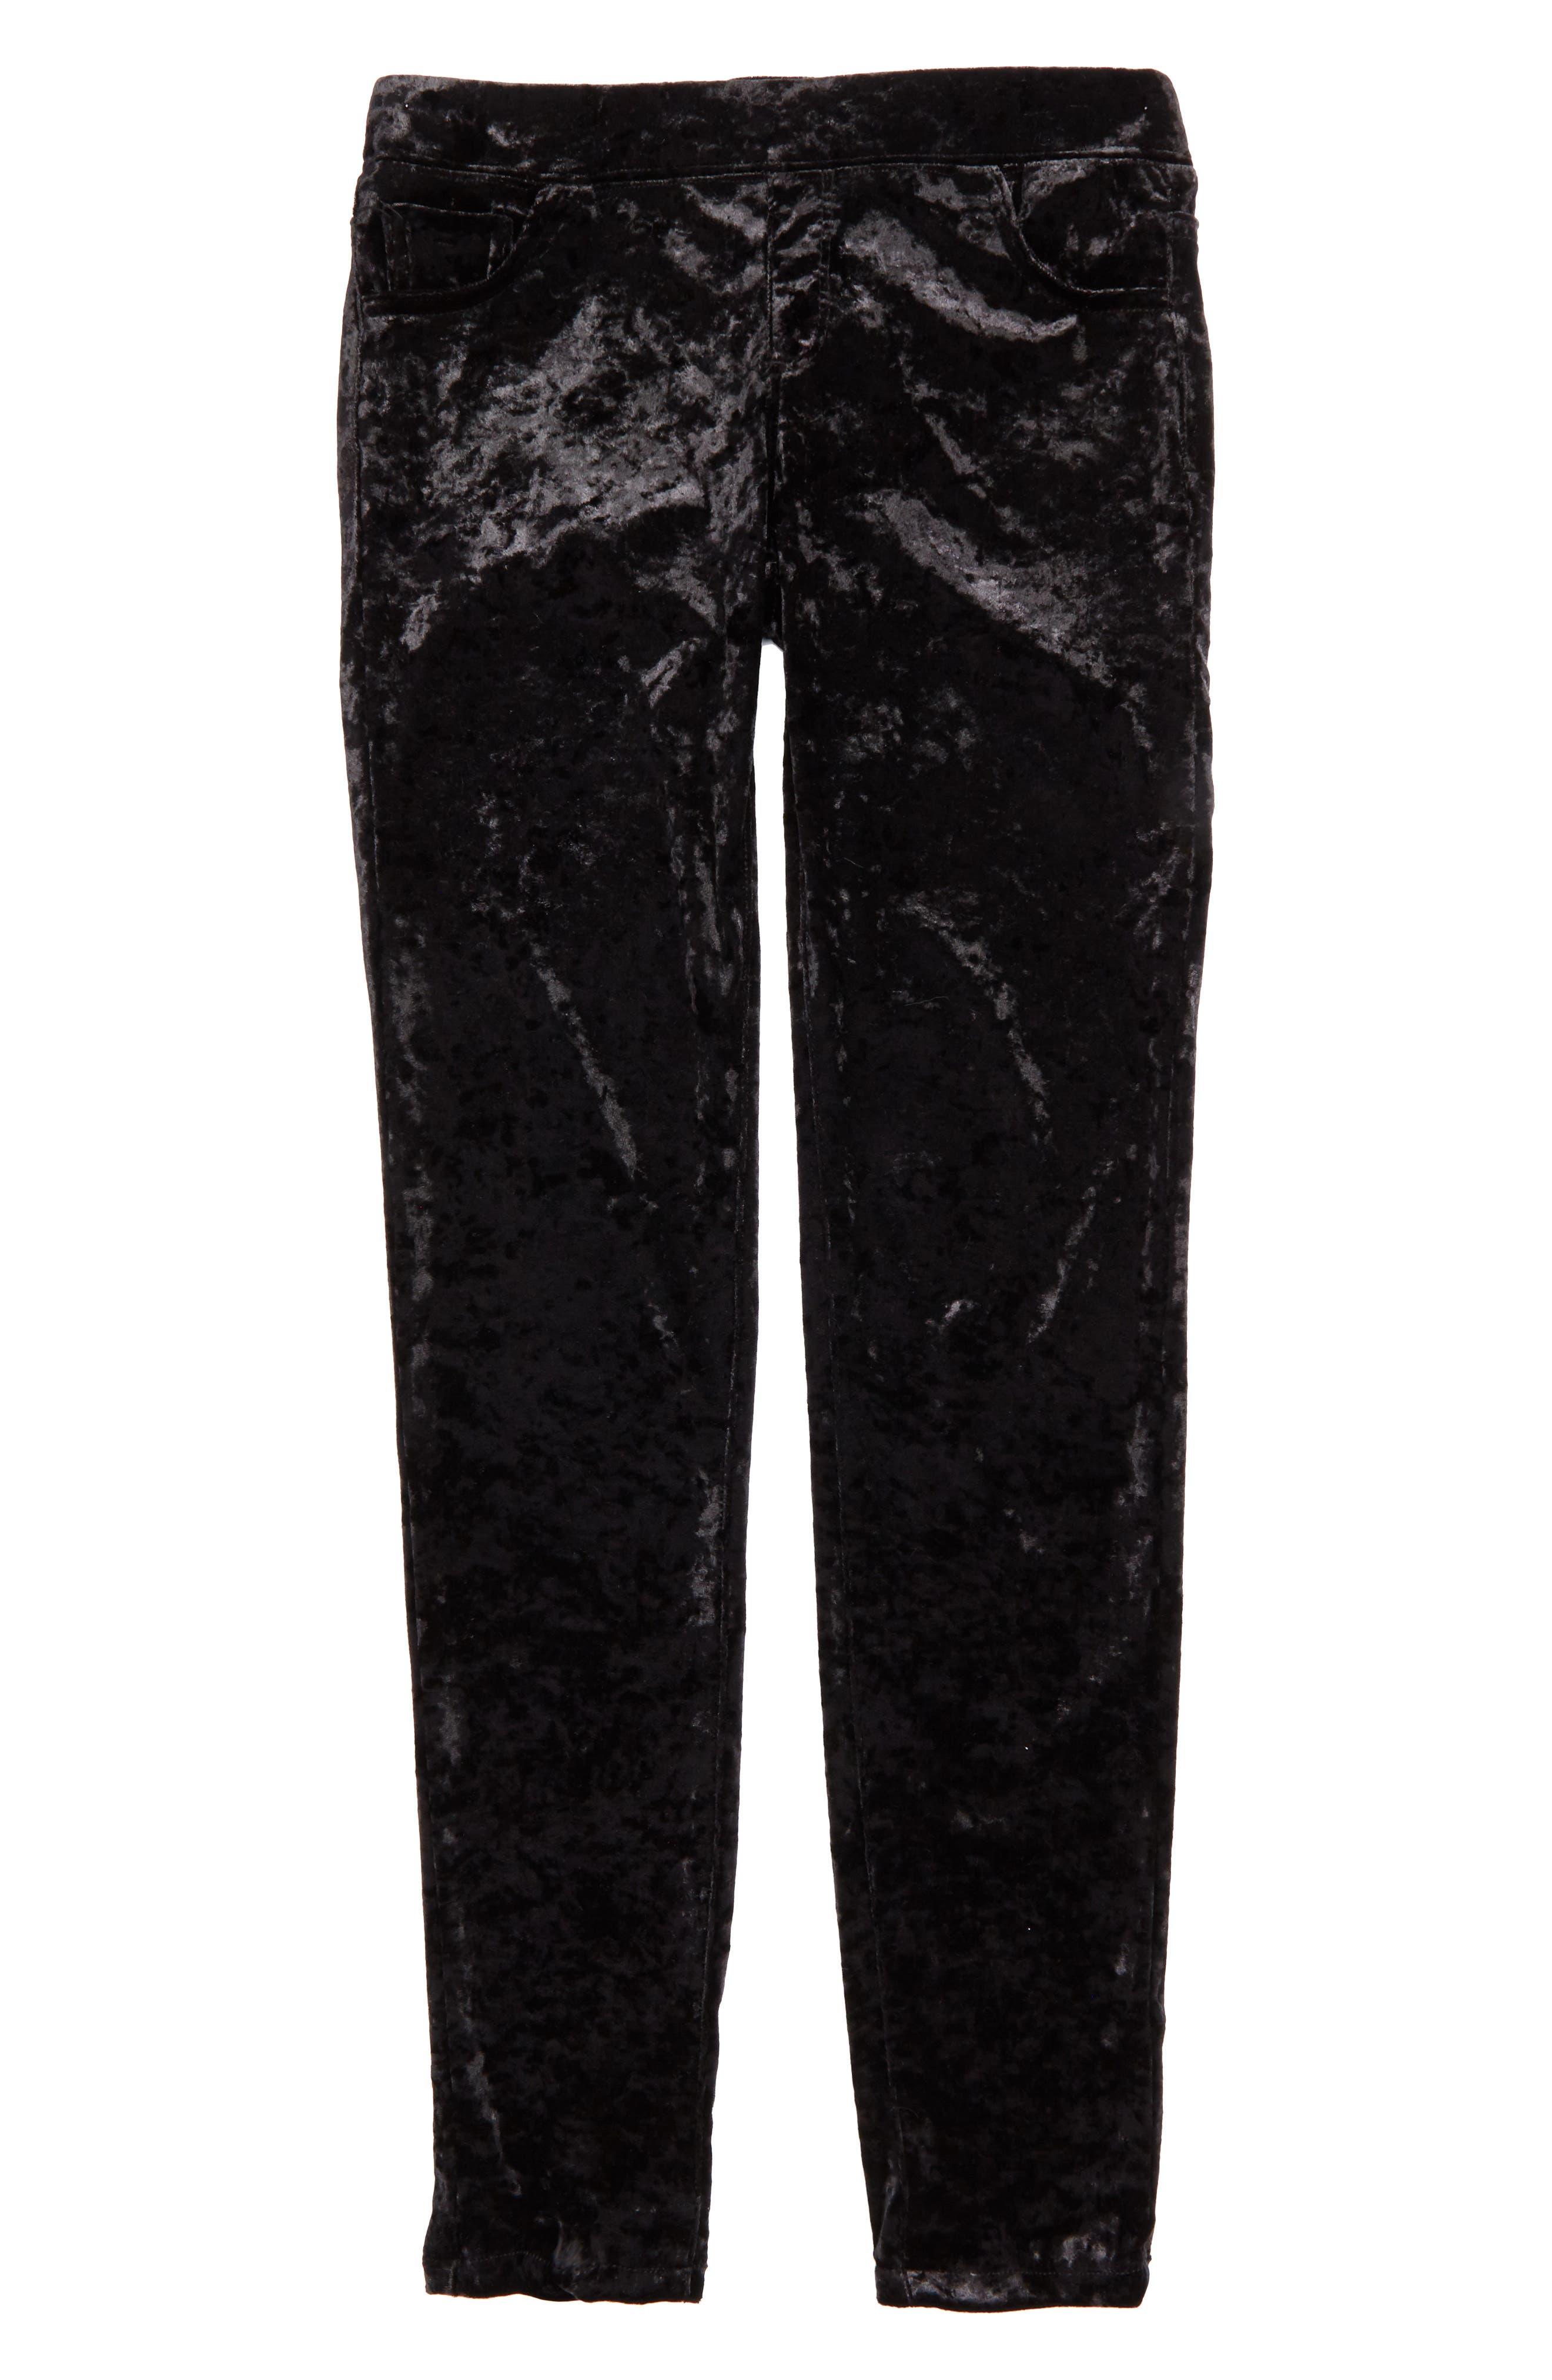 Crushed Velvet Skinny Pants,                             Main thumbnail 1, color,                             Black